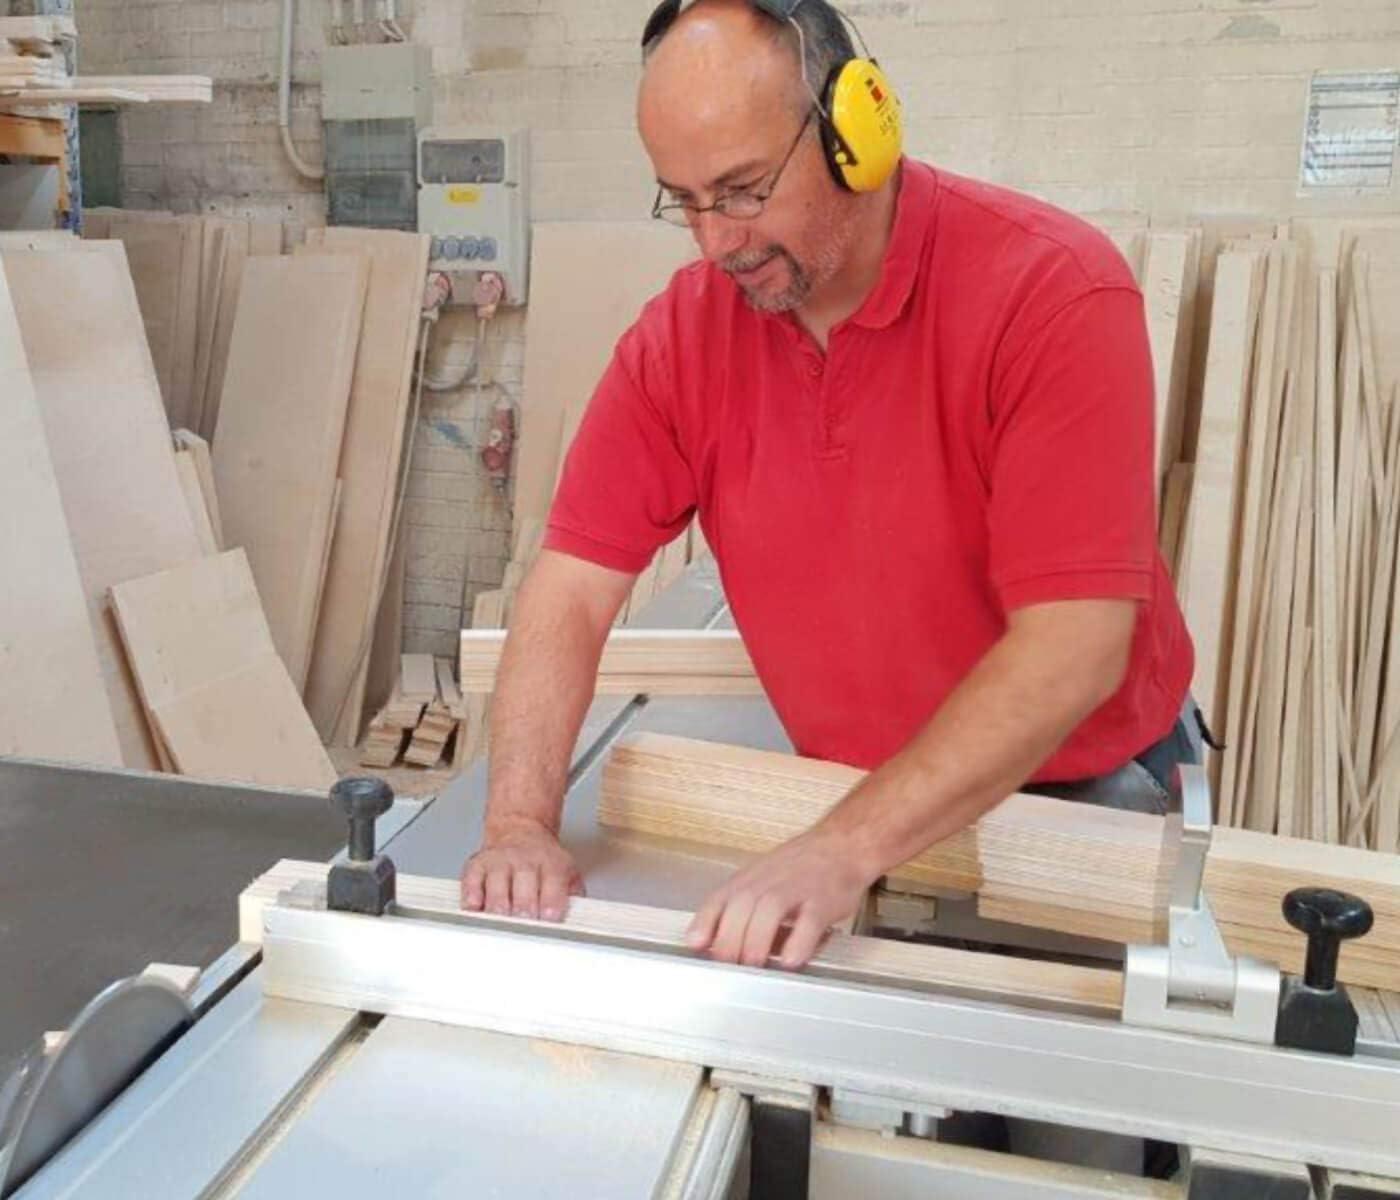 Pannello Spessore 12 mm Legno Multistrato Tavola Multiplex Taglio Compensato Massiccio di Betulla non Trattato Piano Multiuso per il Fai da Te e Bricolage Larghezza 40 cm Lunghezza 85 cm